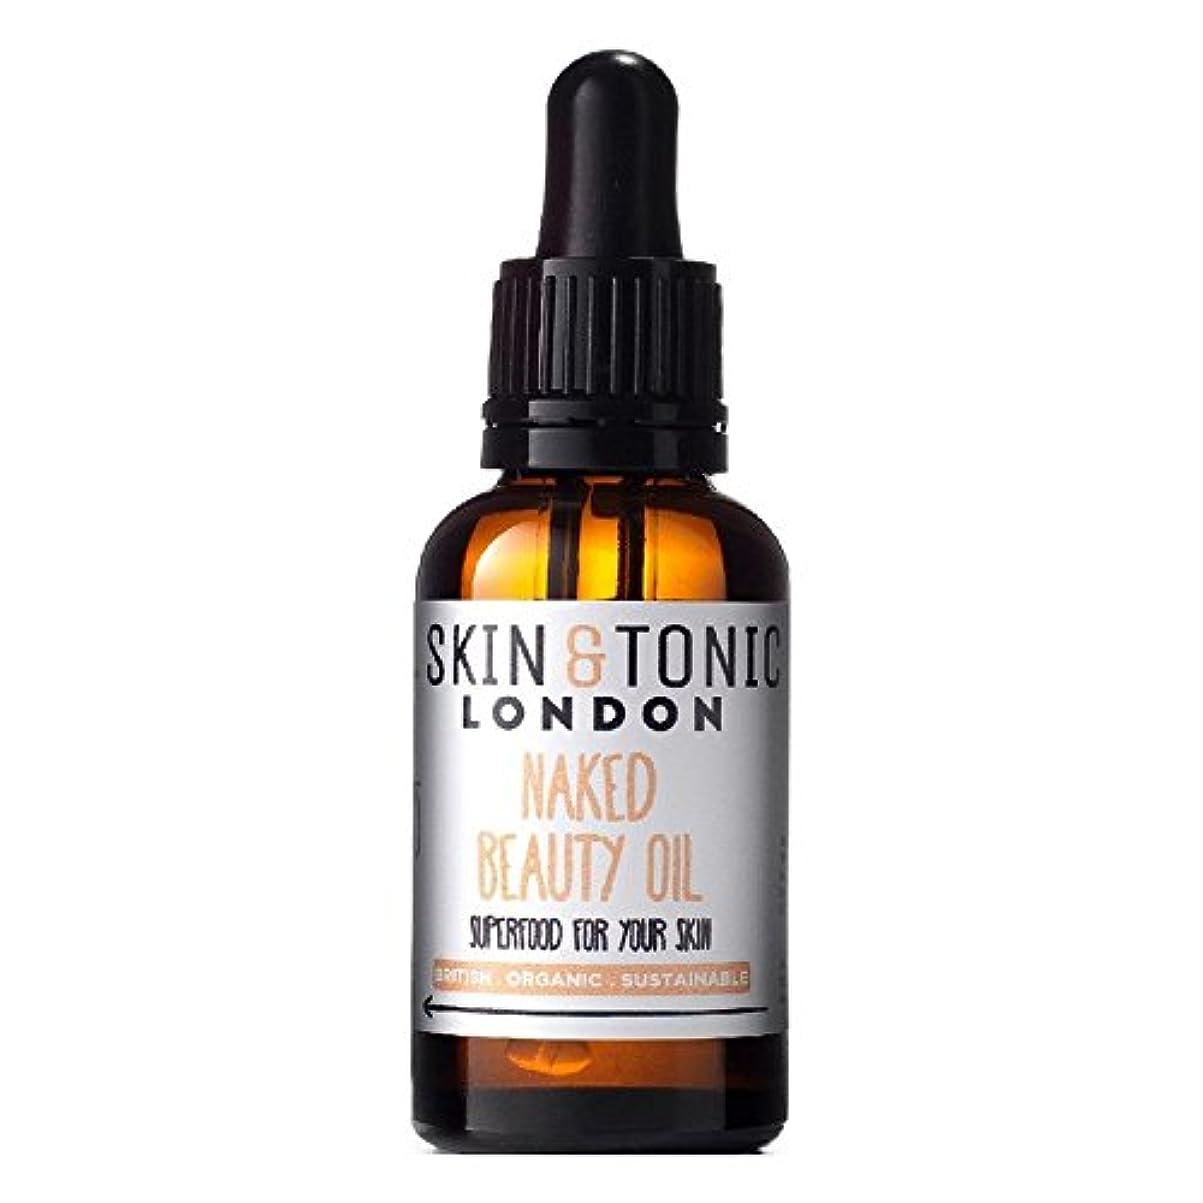 イサカ幻想多年生スキン&トニックロンドン裸の美容オイル30ミリリットル x4 - Skin & Tonic London Naked Beauty Oil 30ml (Pack of 4) [並行輸入品]